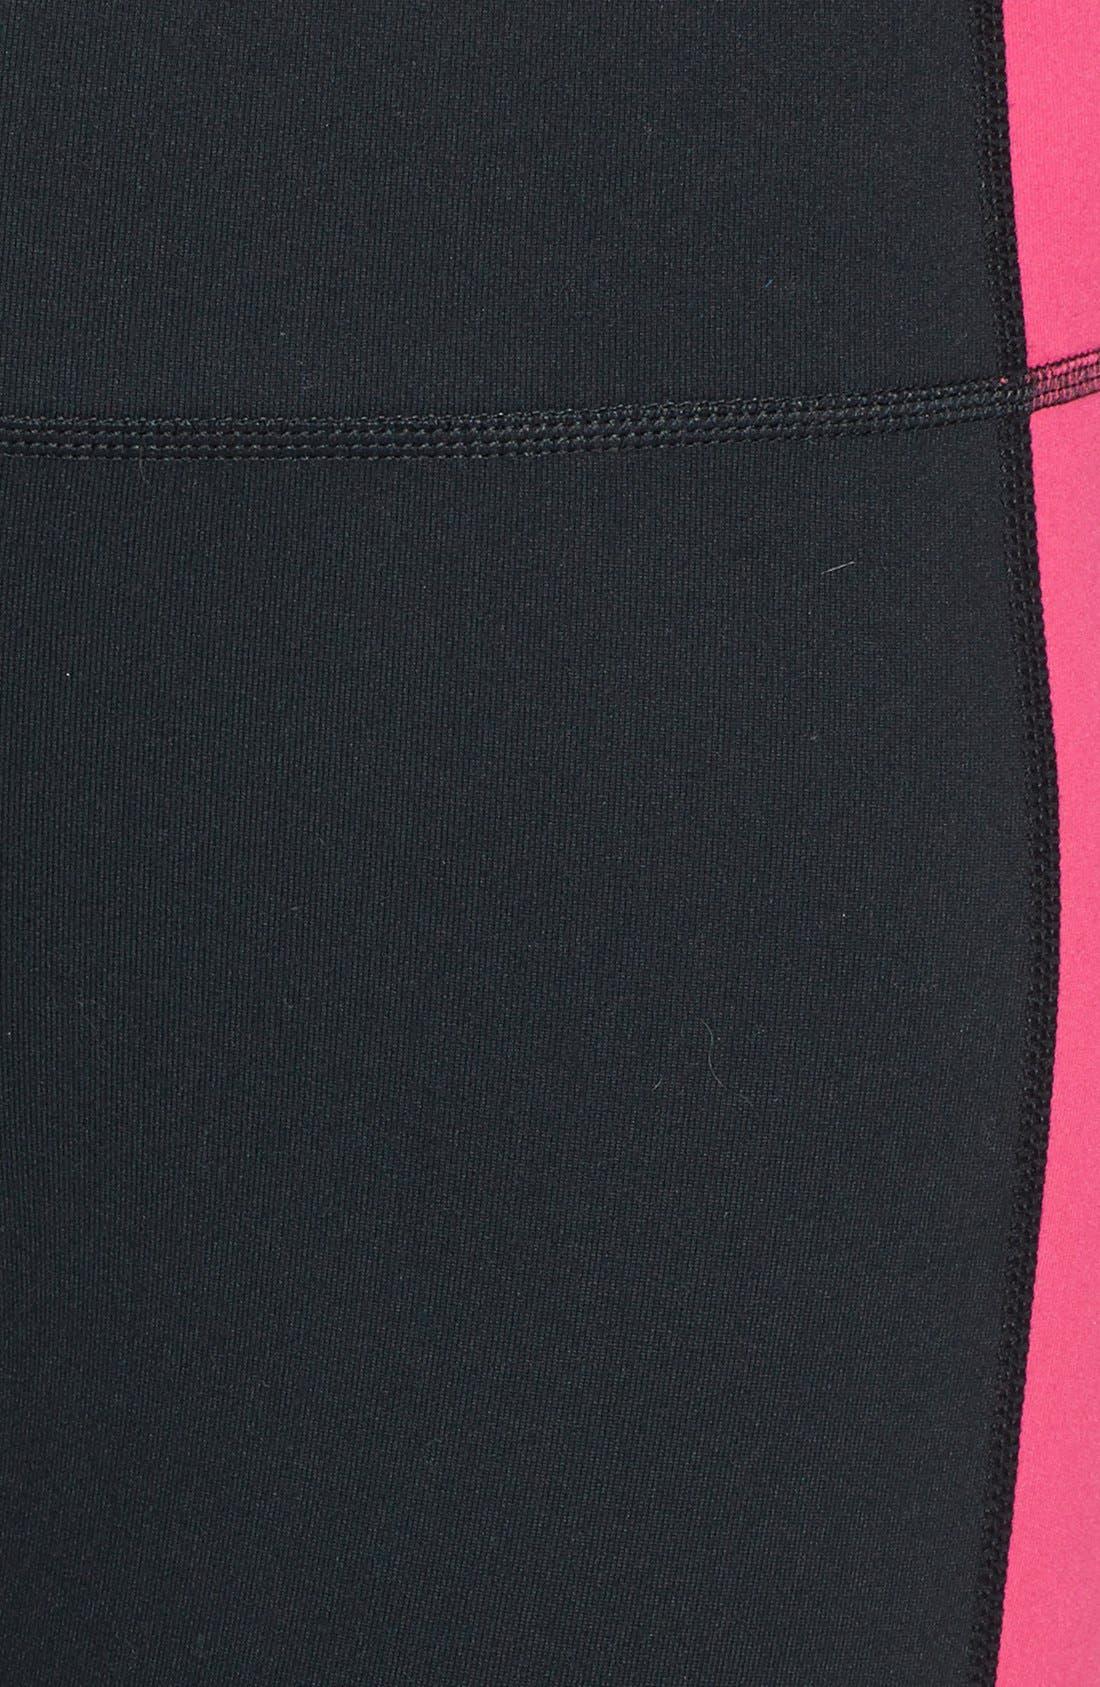 Alternate Image 3  - Zella 'Live In - Triple Blocked Tuxedo' Leggings